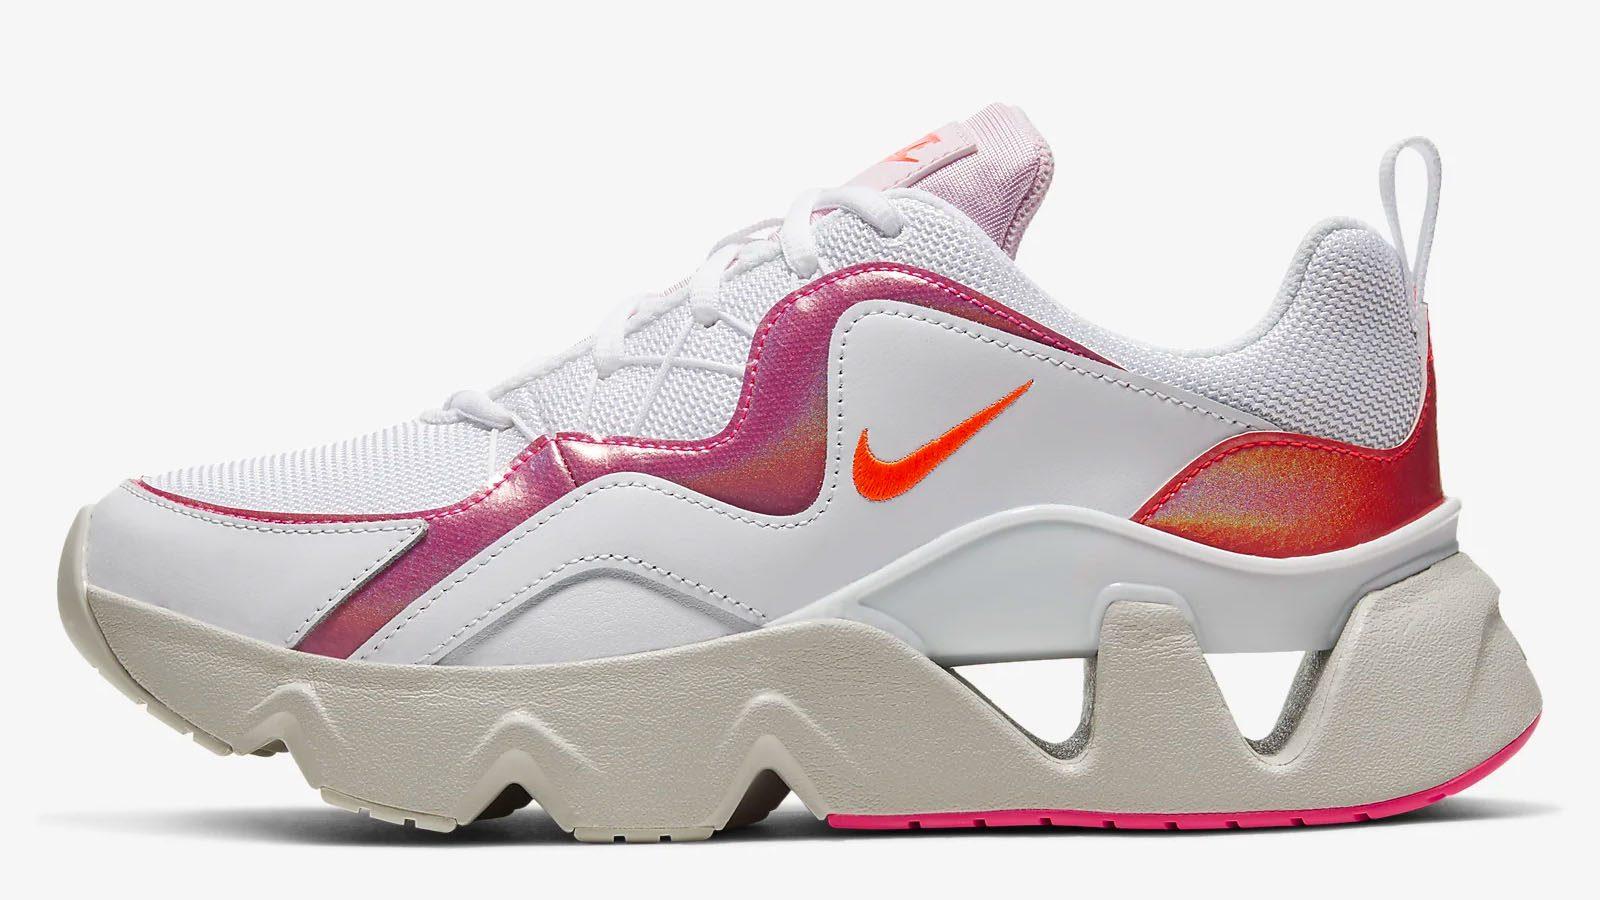 Pink Nike RyZ